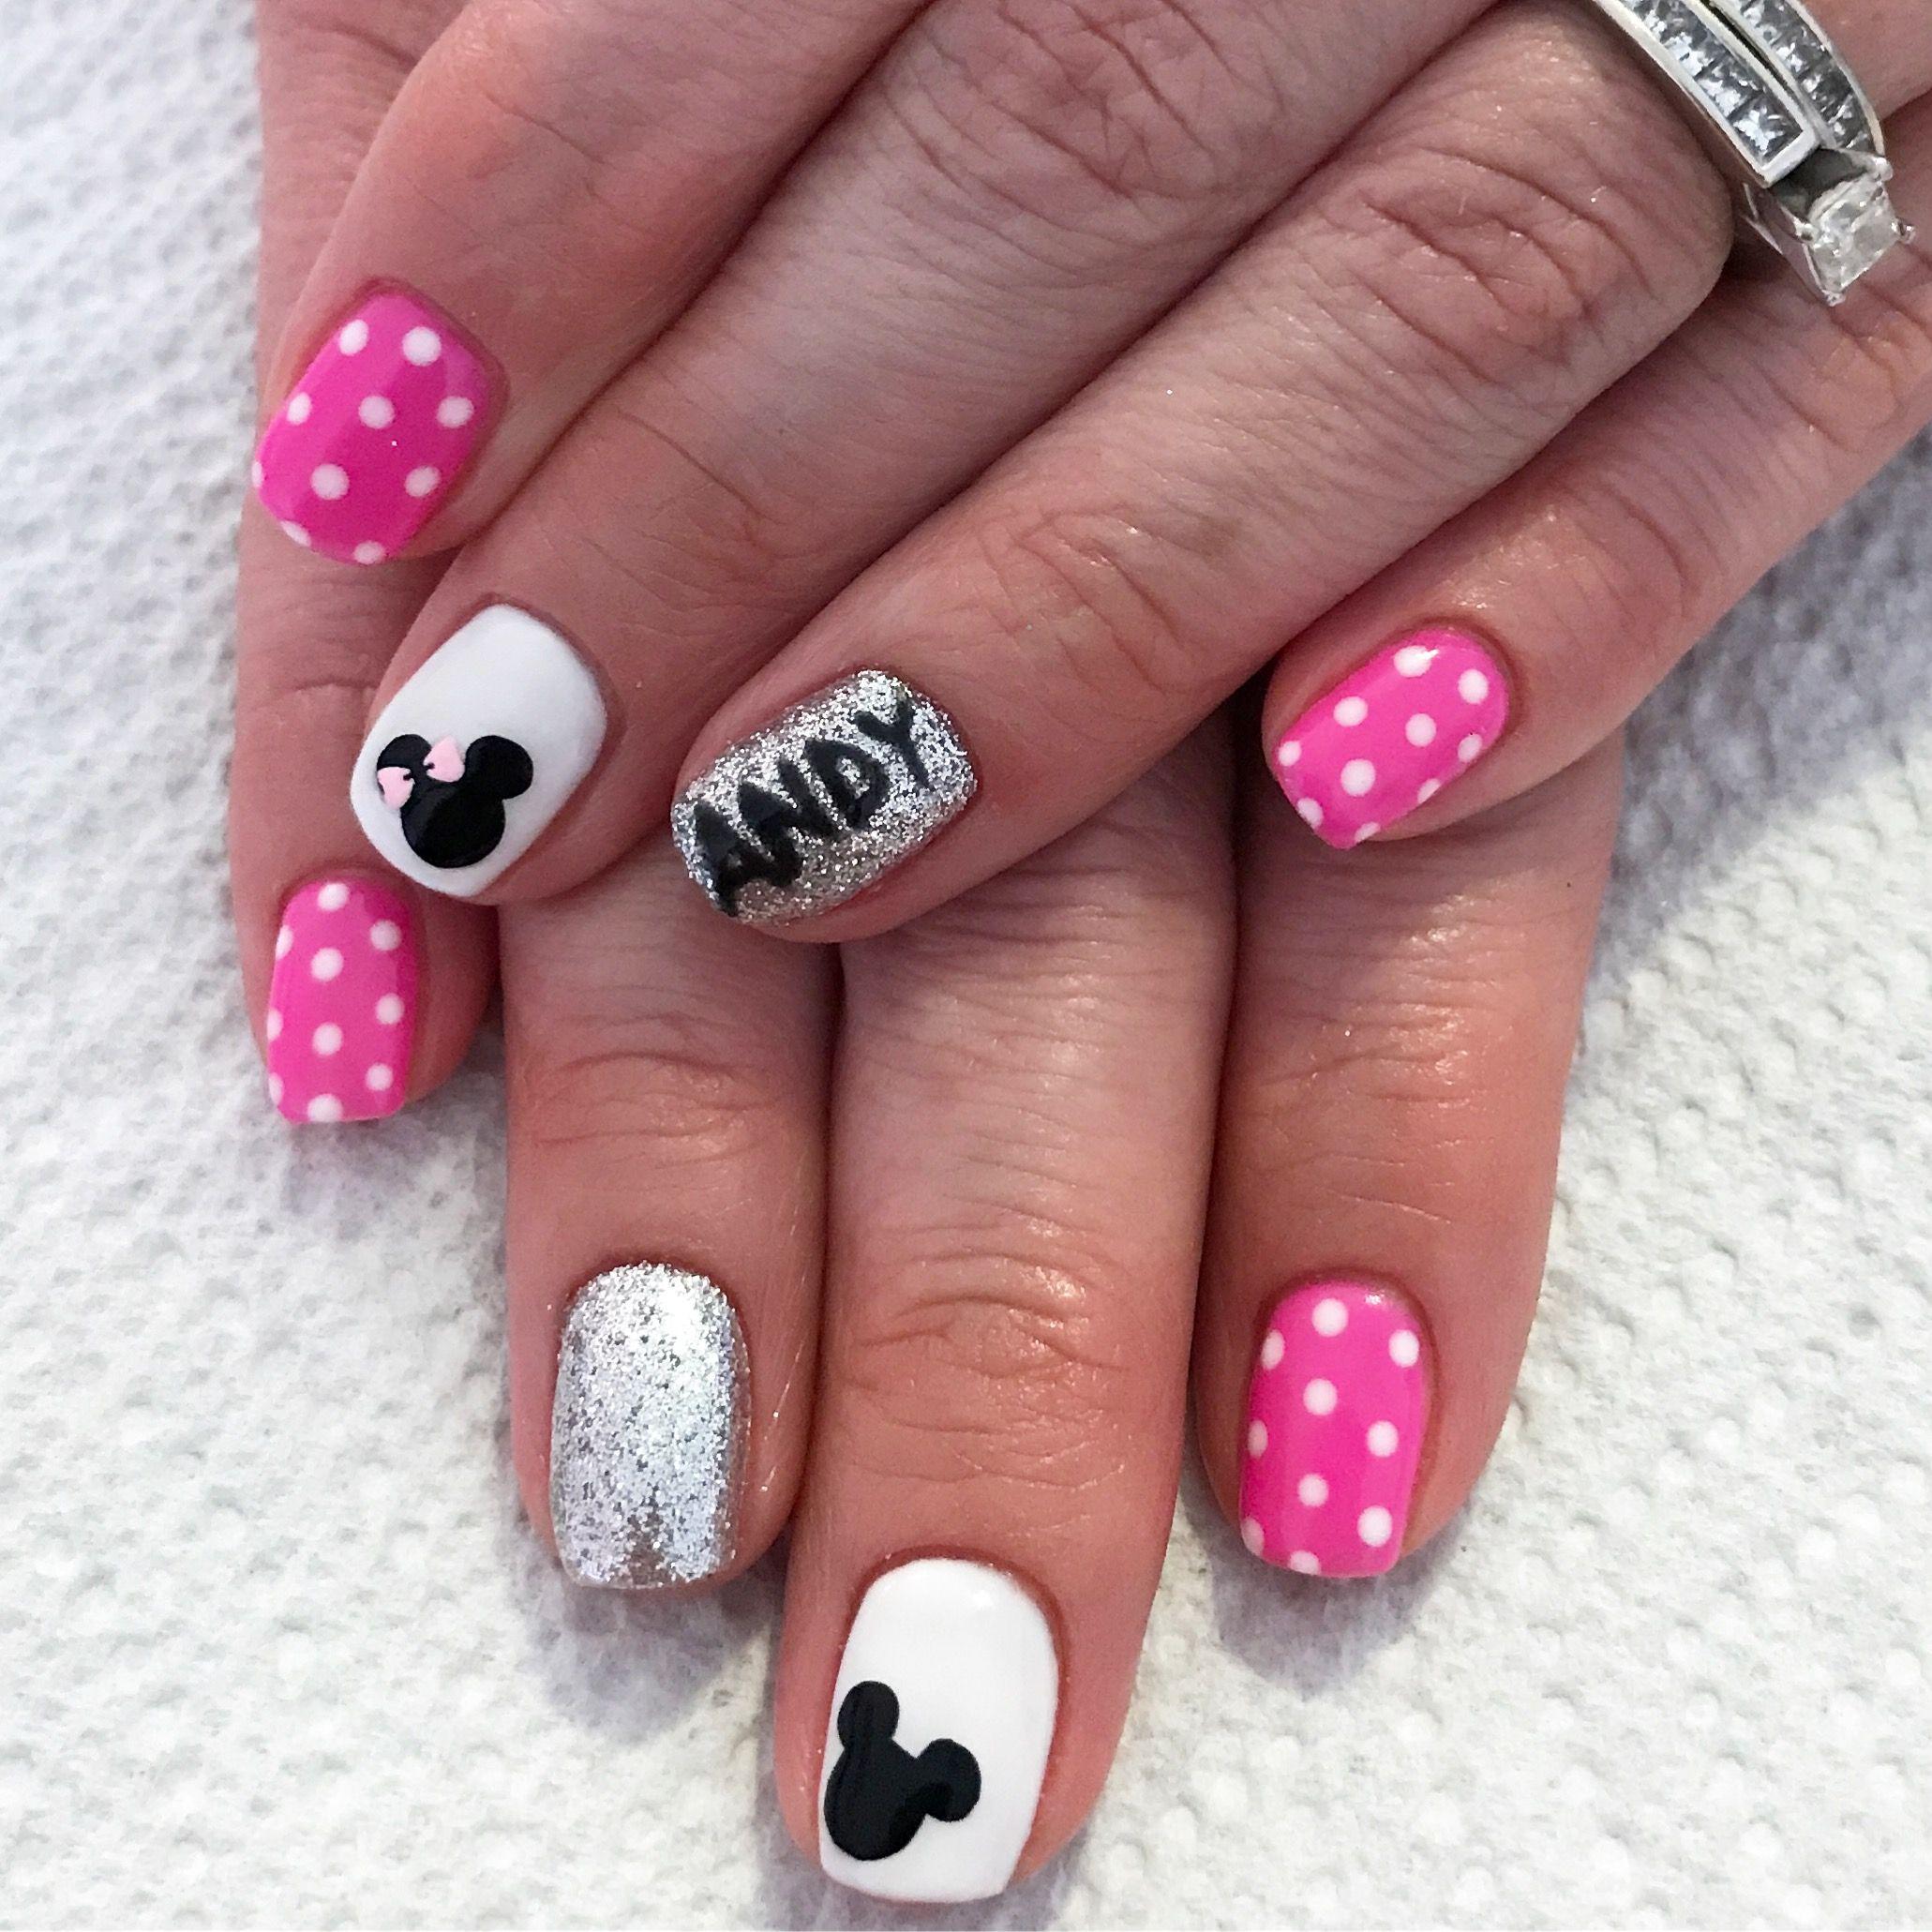 Disney nails. Gel nails. Disneyland nails. Mickey mouse nails ...